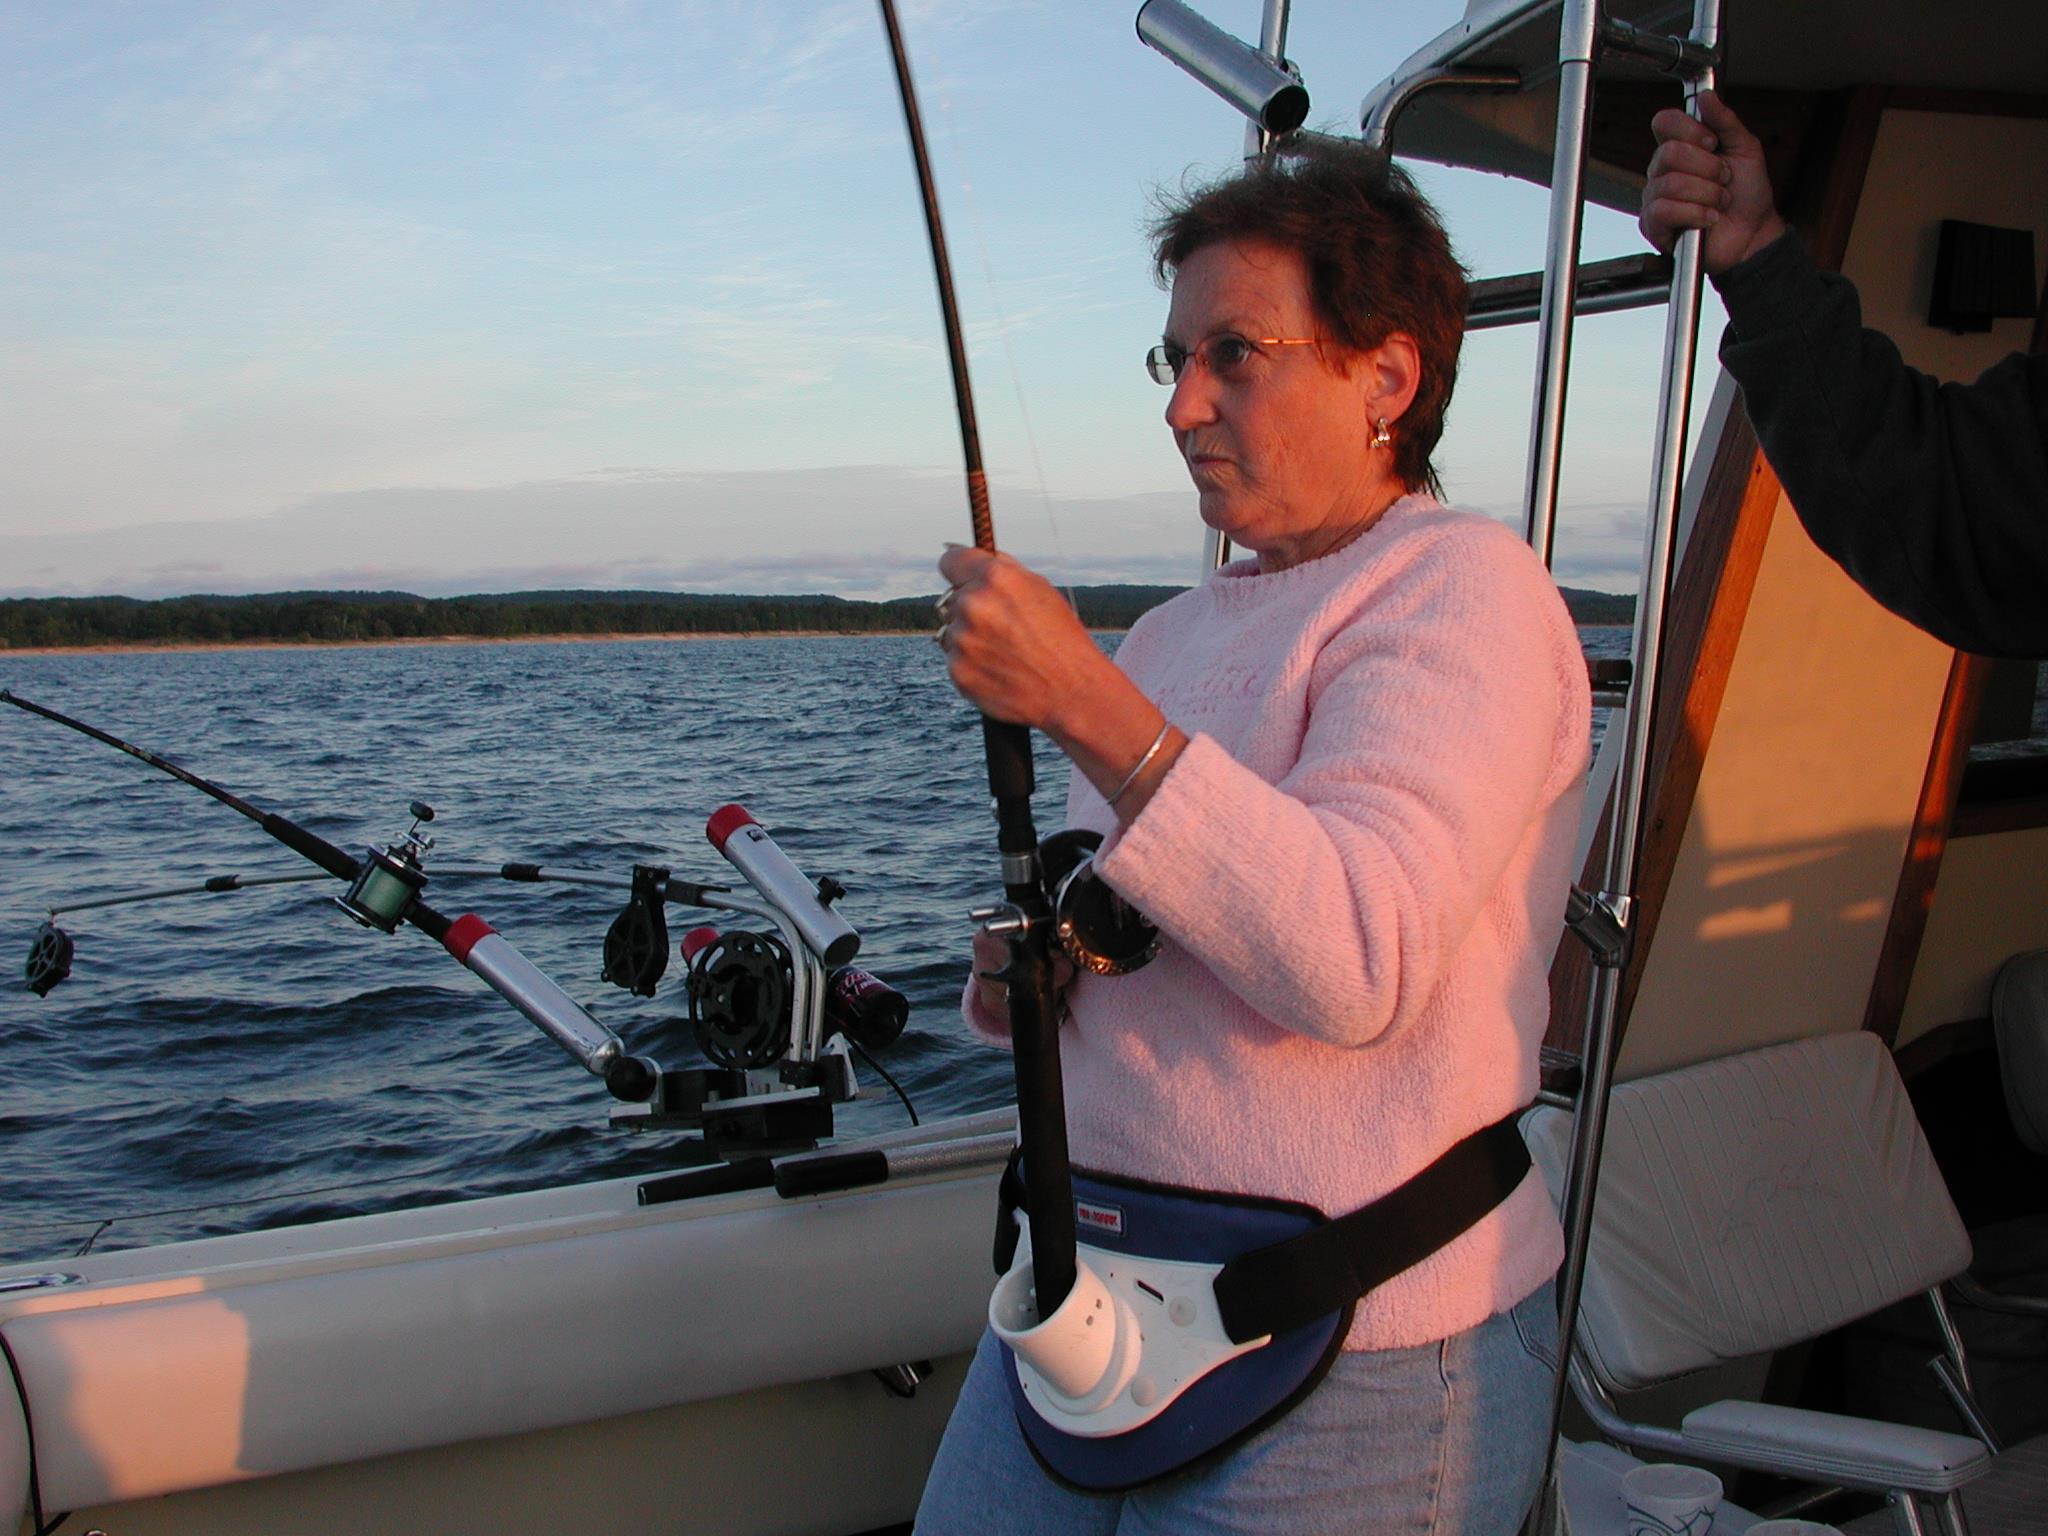 Mary DeWitt Broker / Real Estate Agent Fishing near Leland